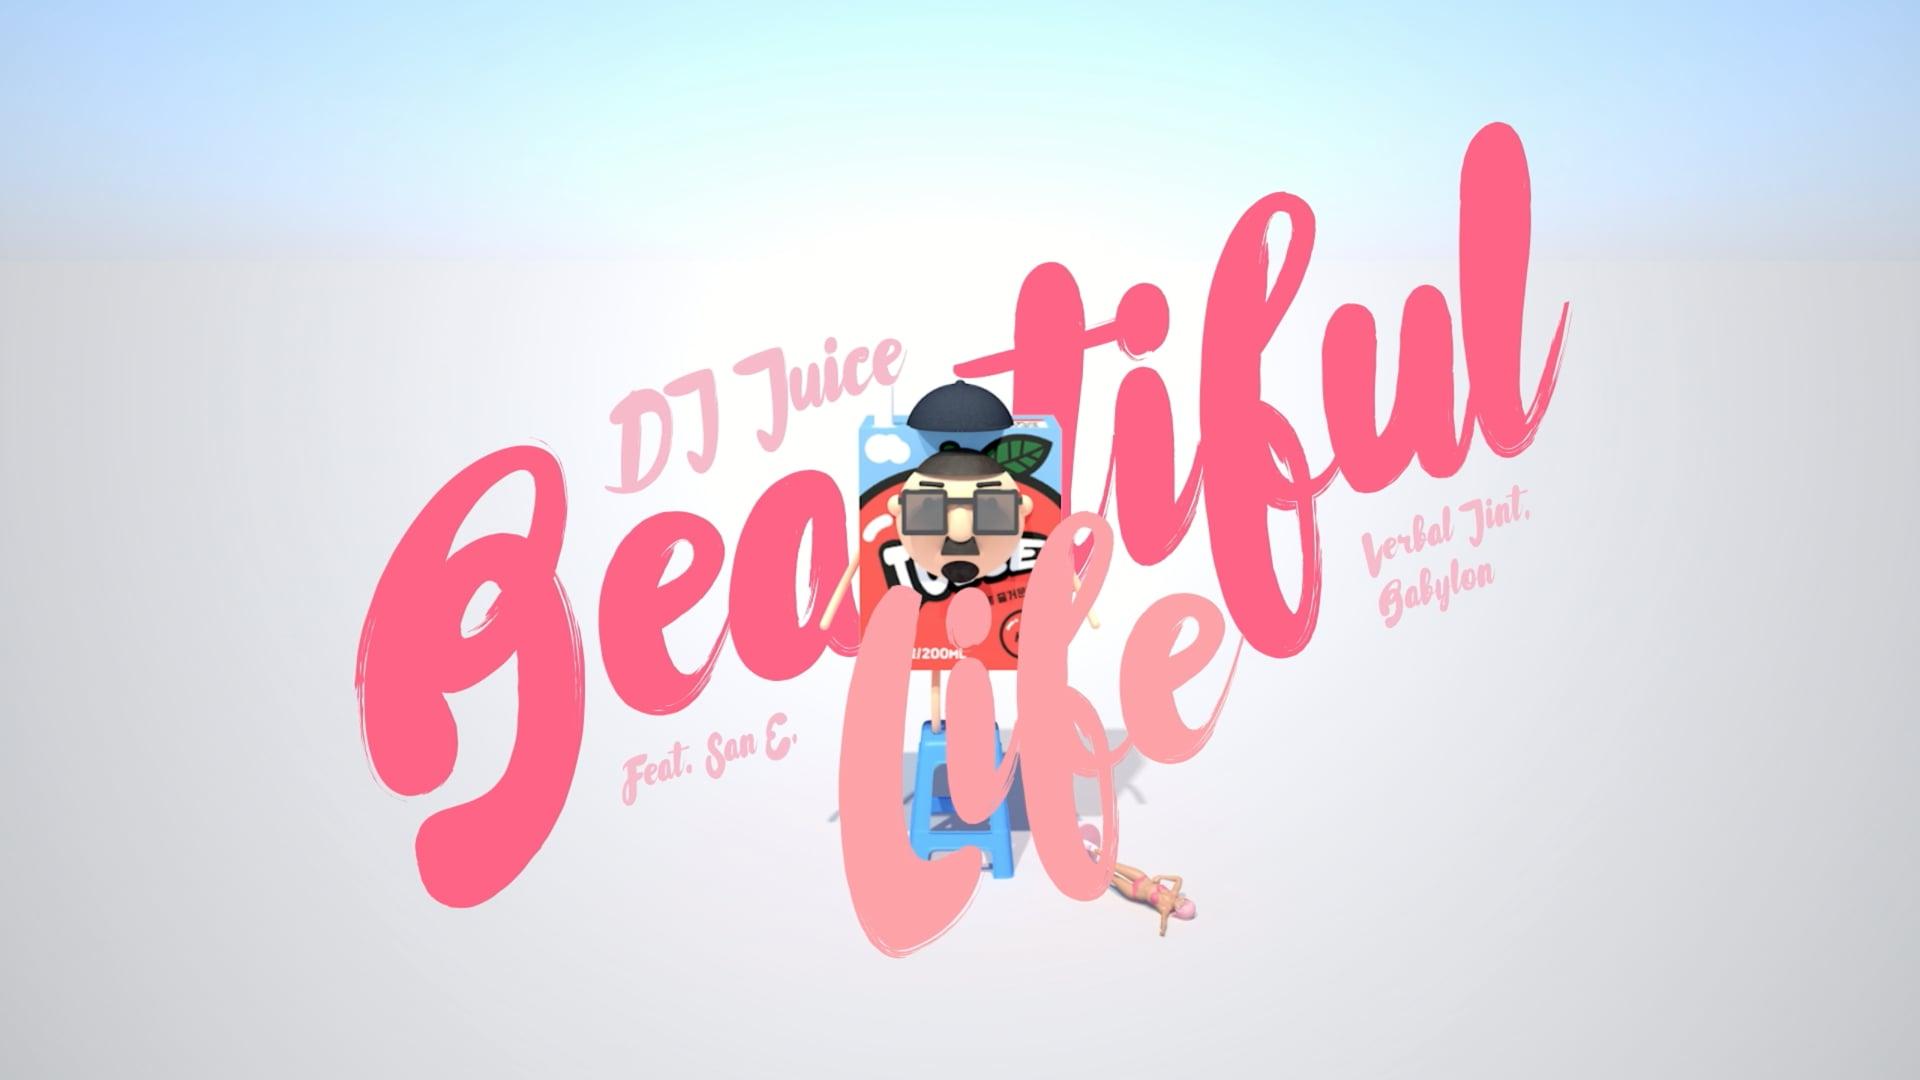 DJ Juice 'Beautiful Life (Feat. San E & 버벌진트 & 베이빌론)'